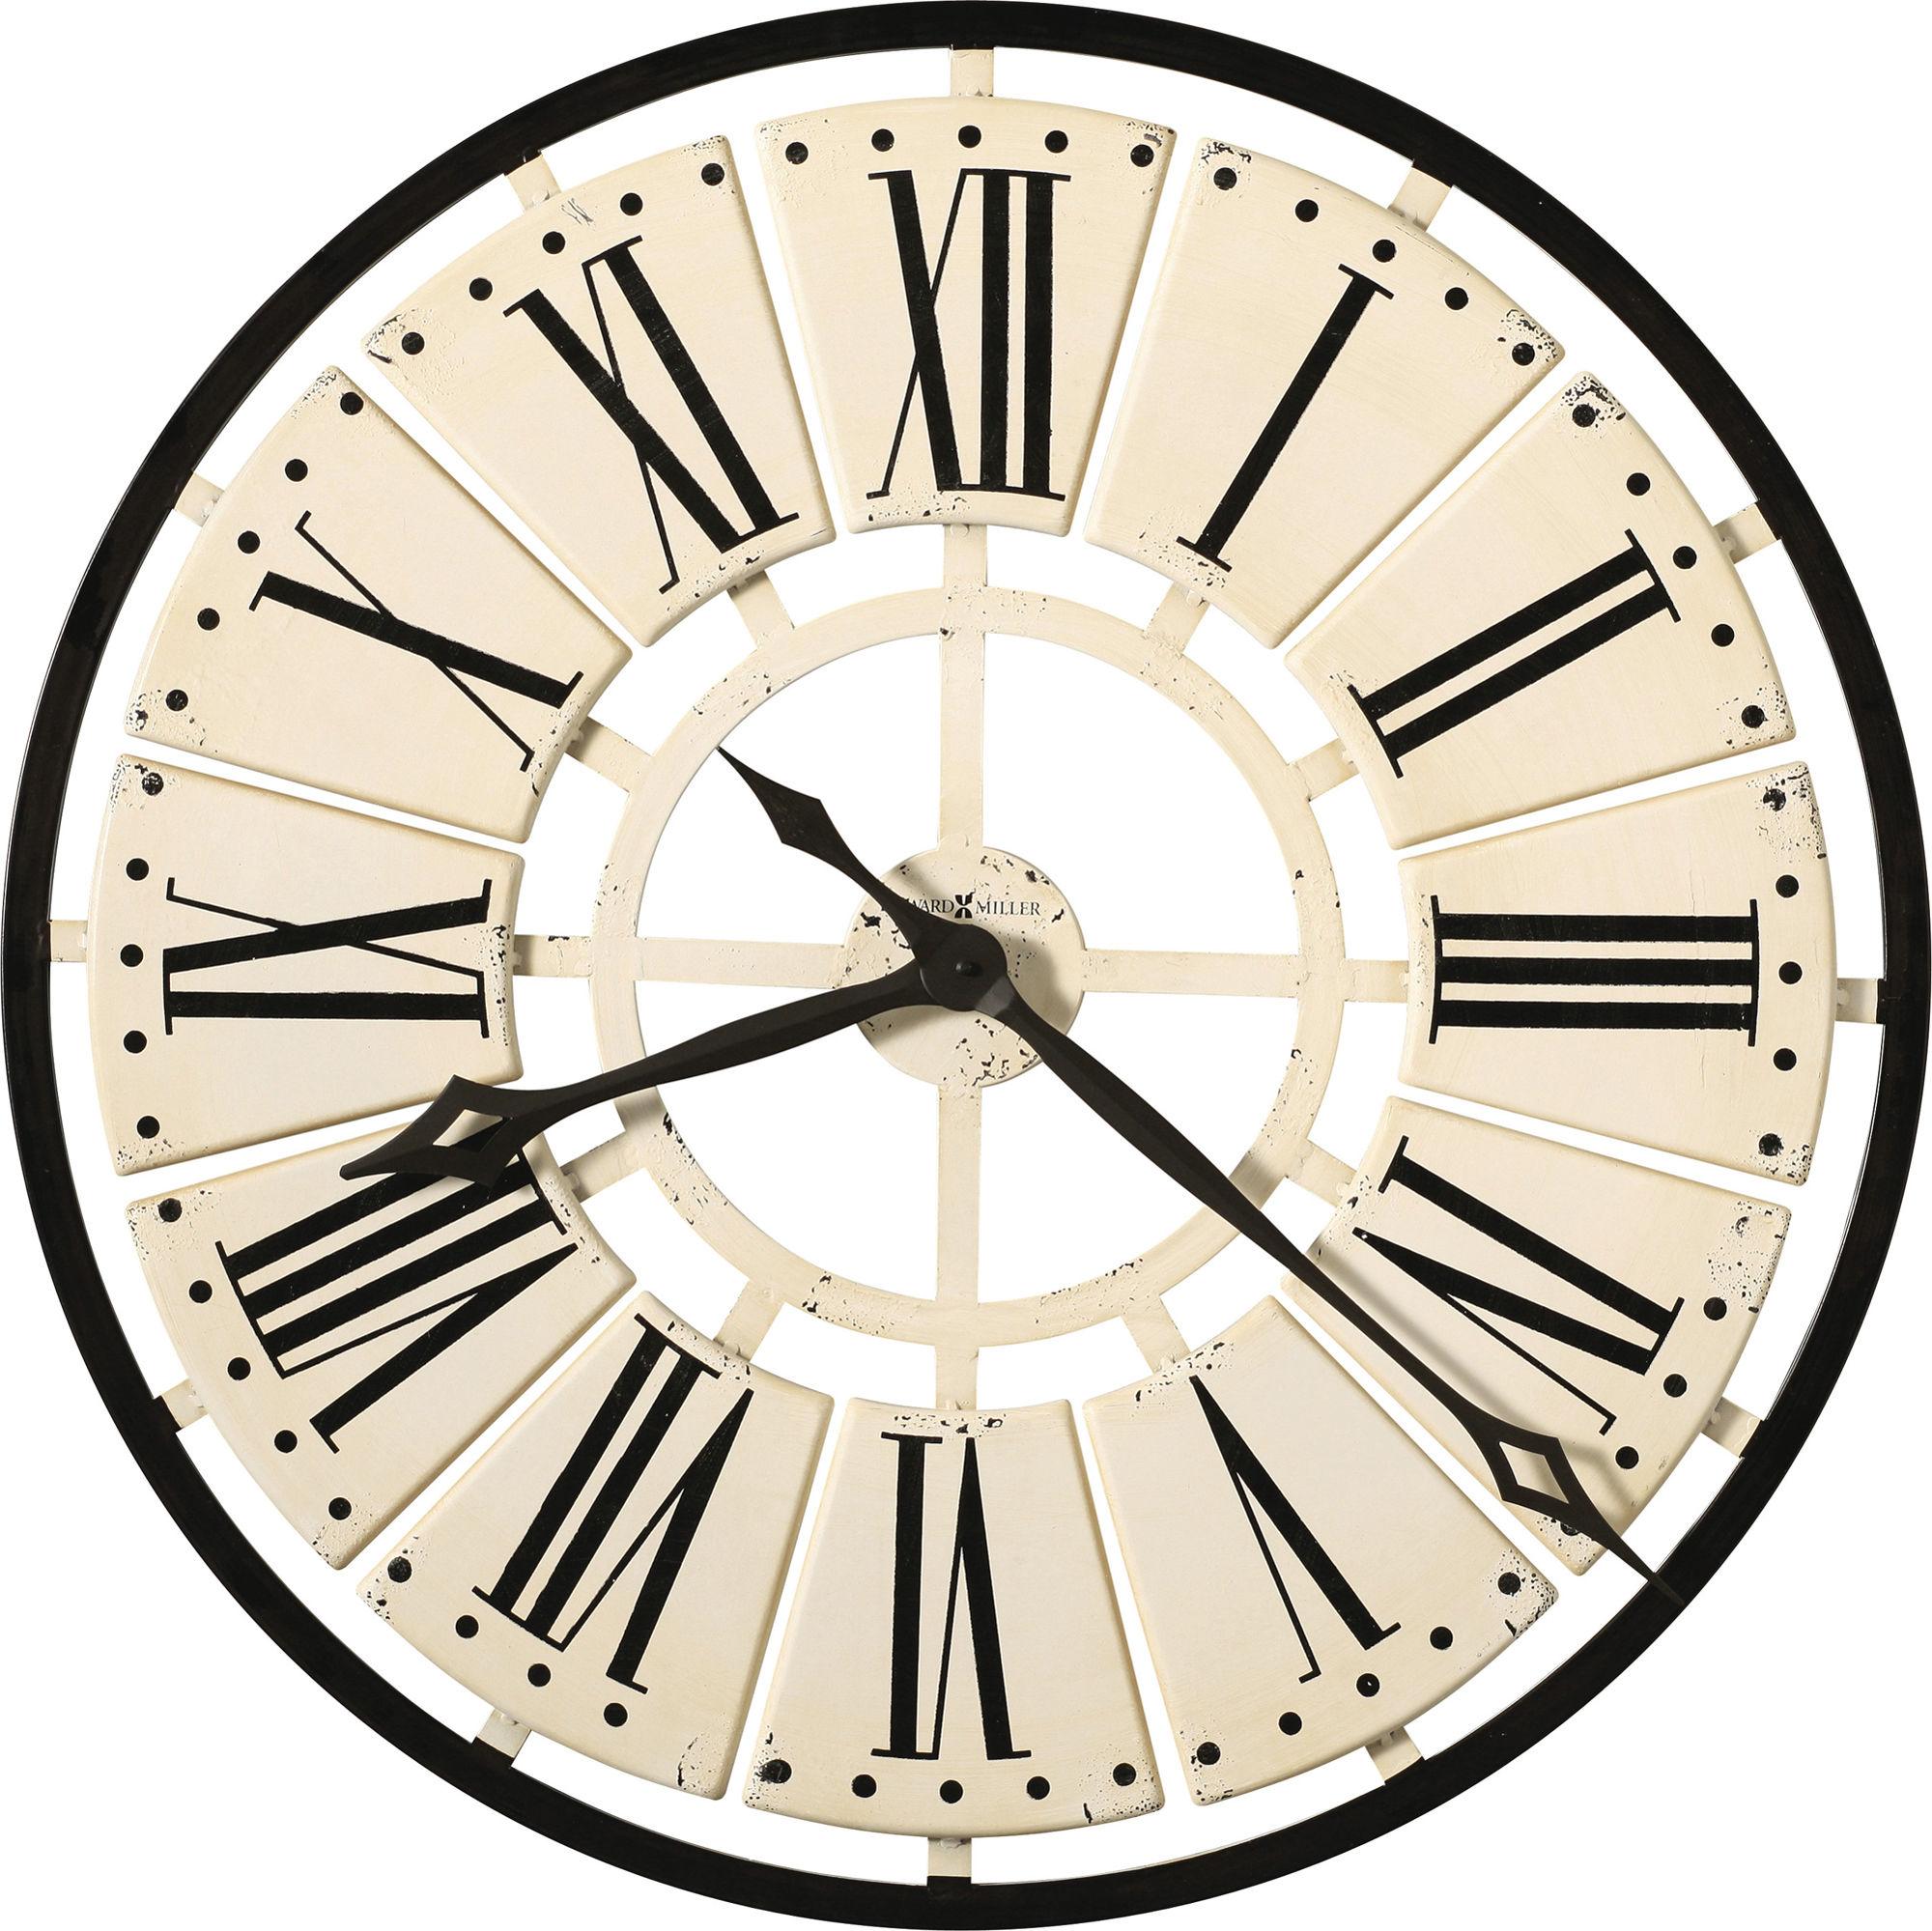 Фон для часов своими руками 728